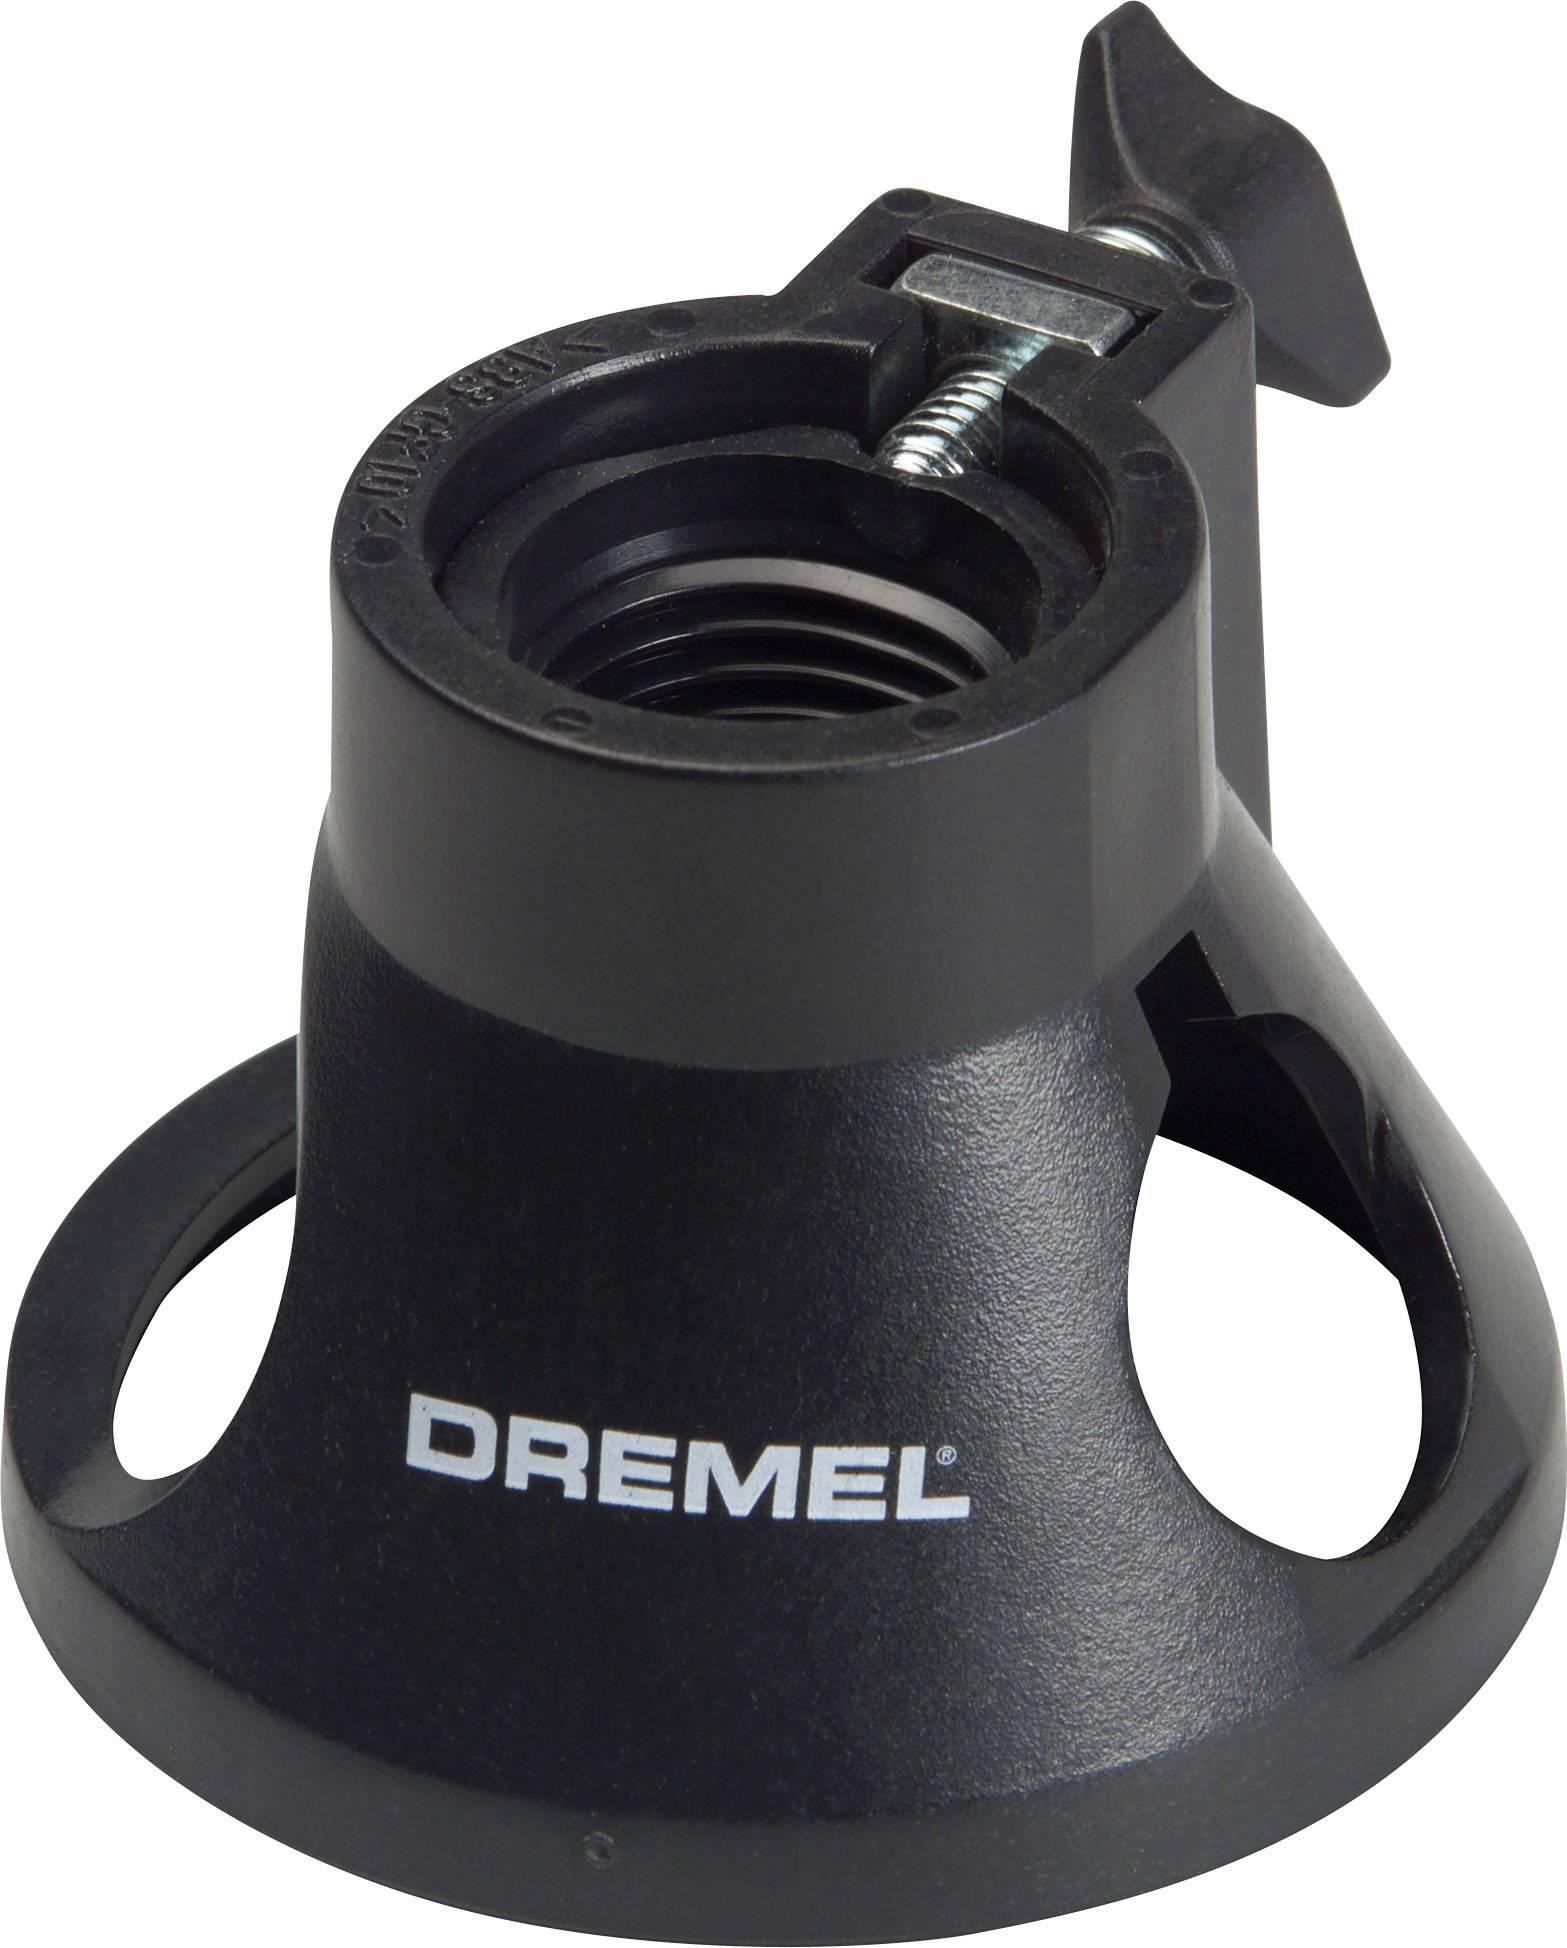 Frézovací adaptér Dremel 566